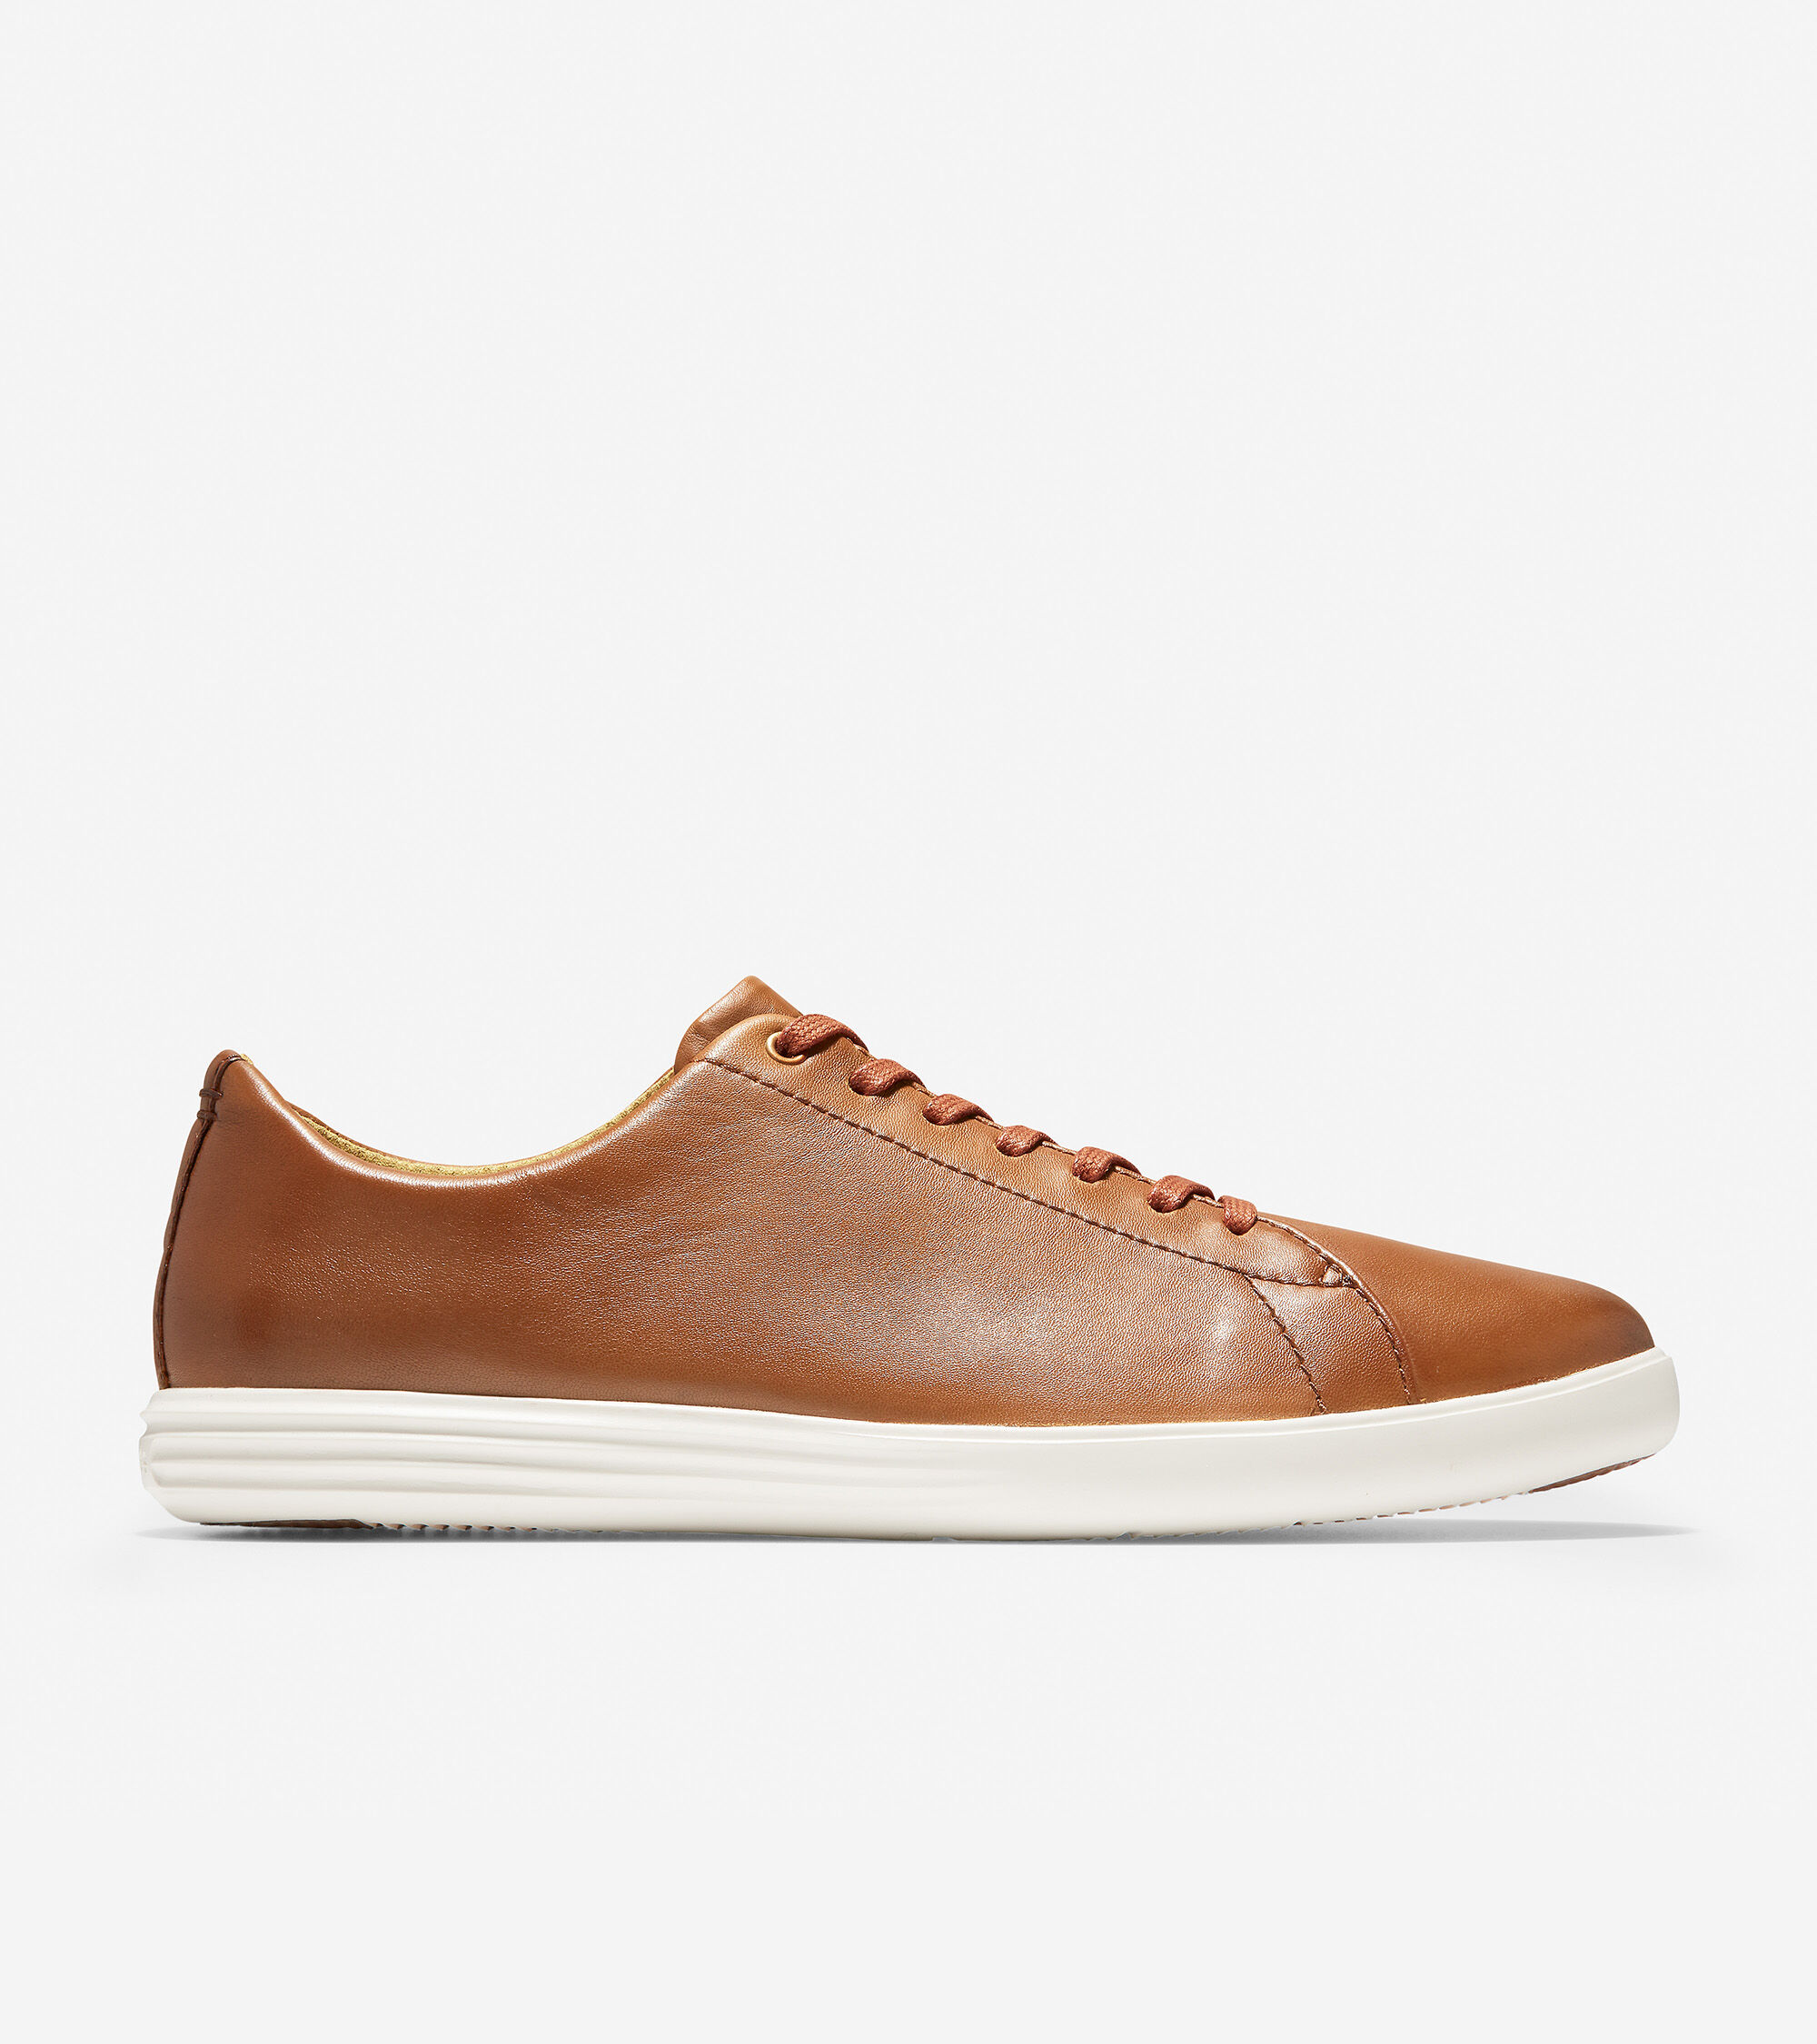 Men's Grand Crosscourt Sneaker in Tan